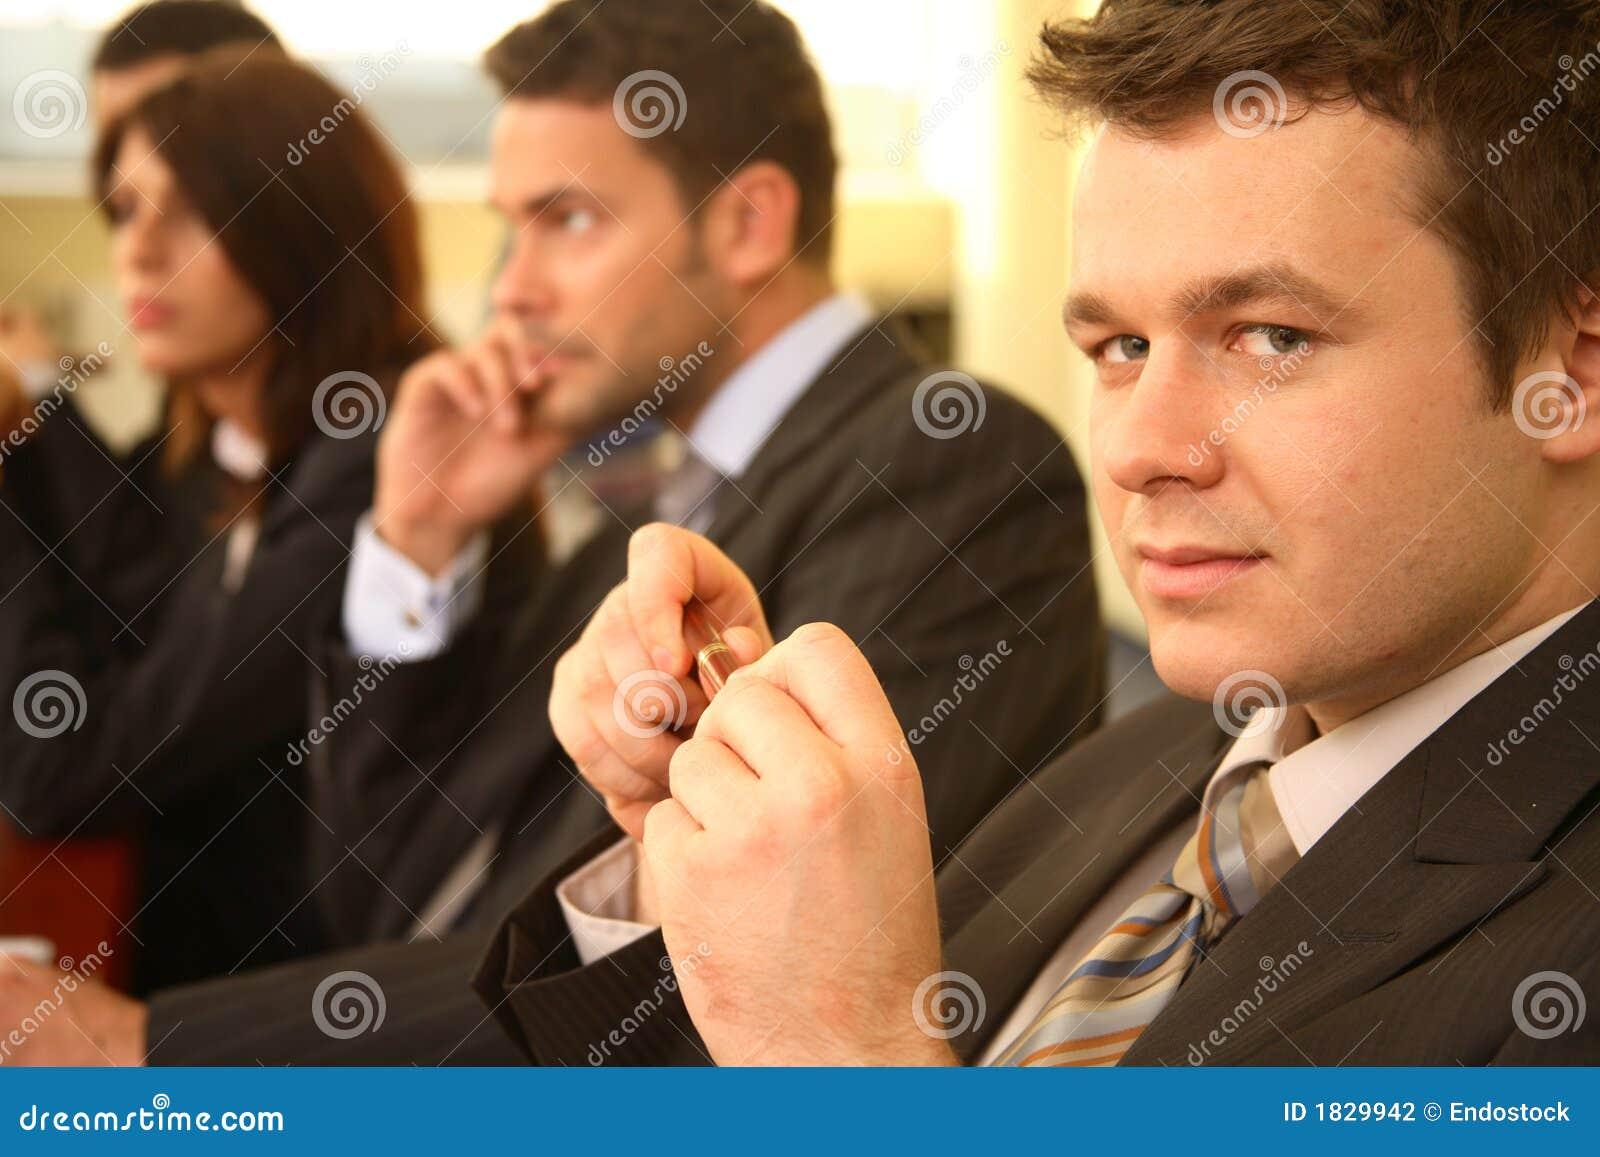 Gruppe Geschäftspersonen bei einer Konferenz, Mann im Fokus